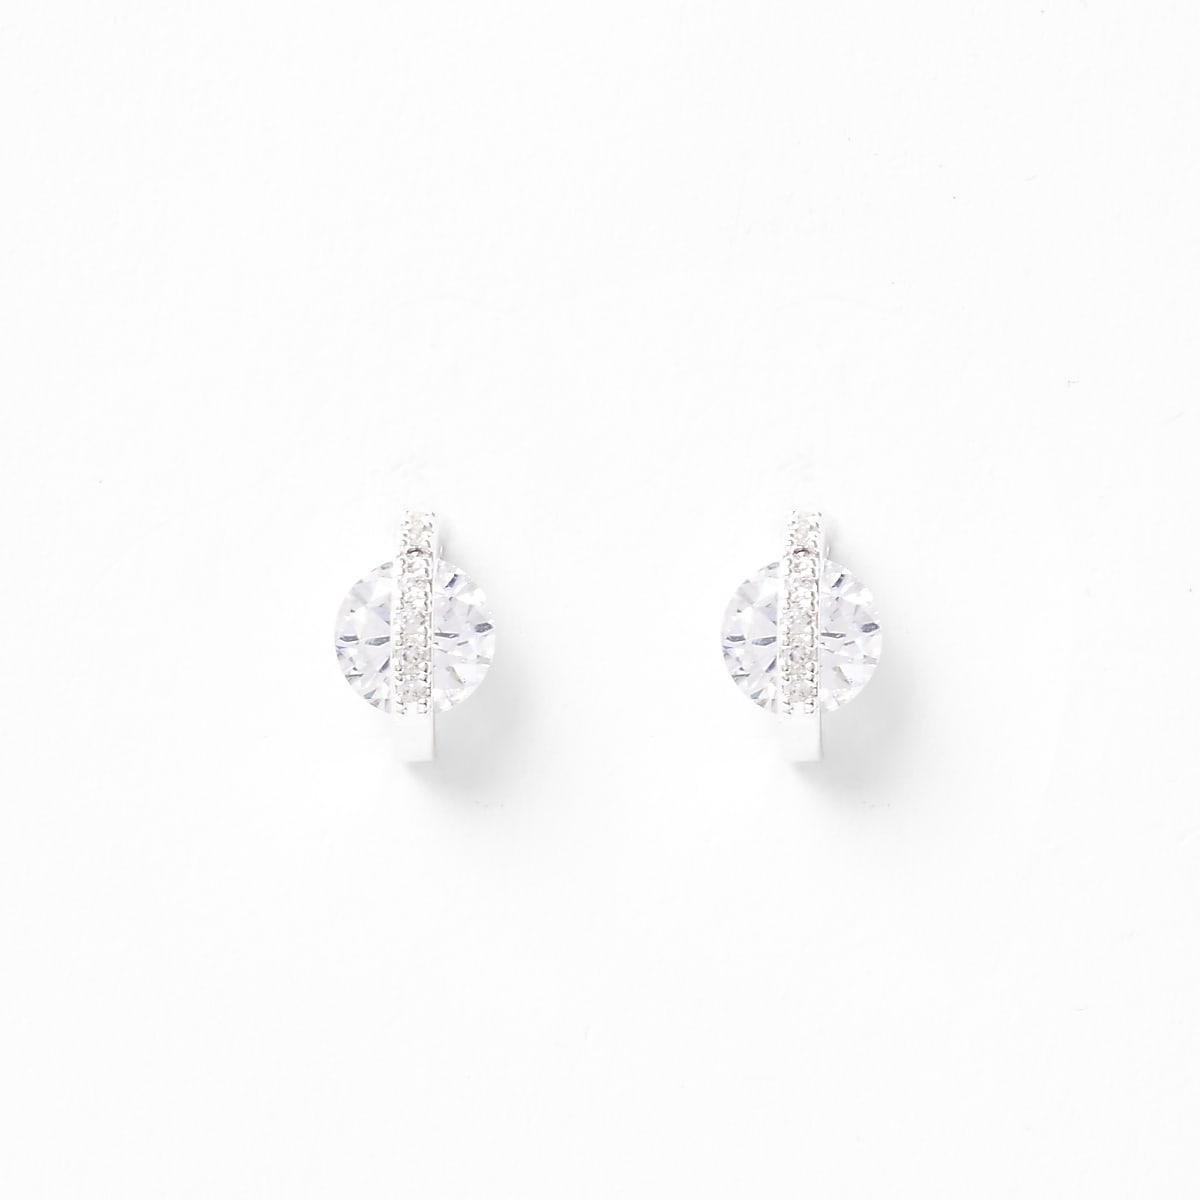 Zilverkleurige oorknopjes met siersteentjes